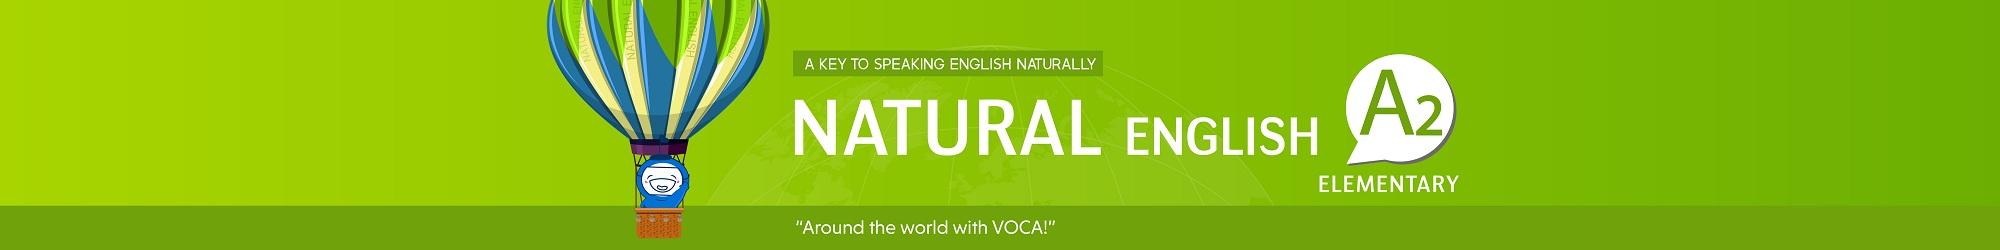 NATURAL ENGLISH A2 (2019) banner